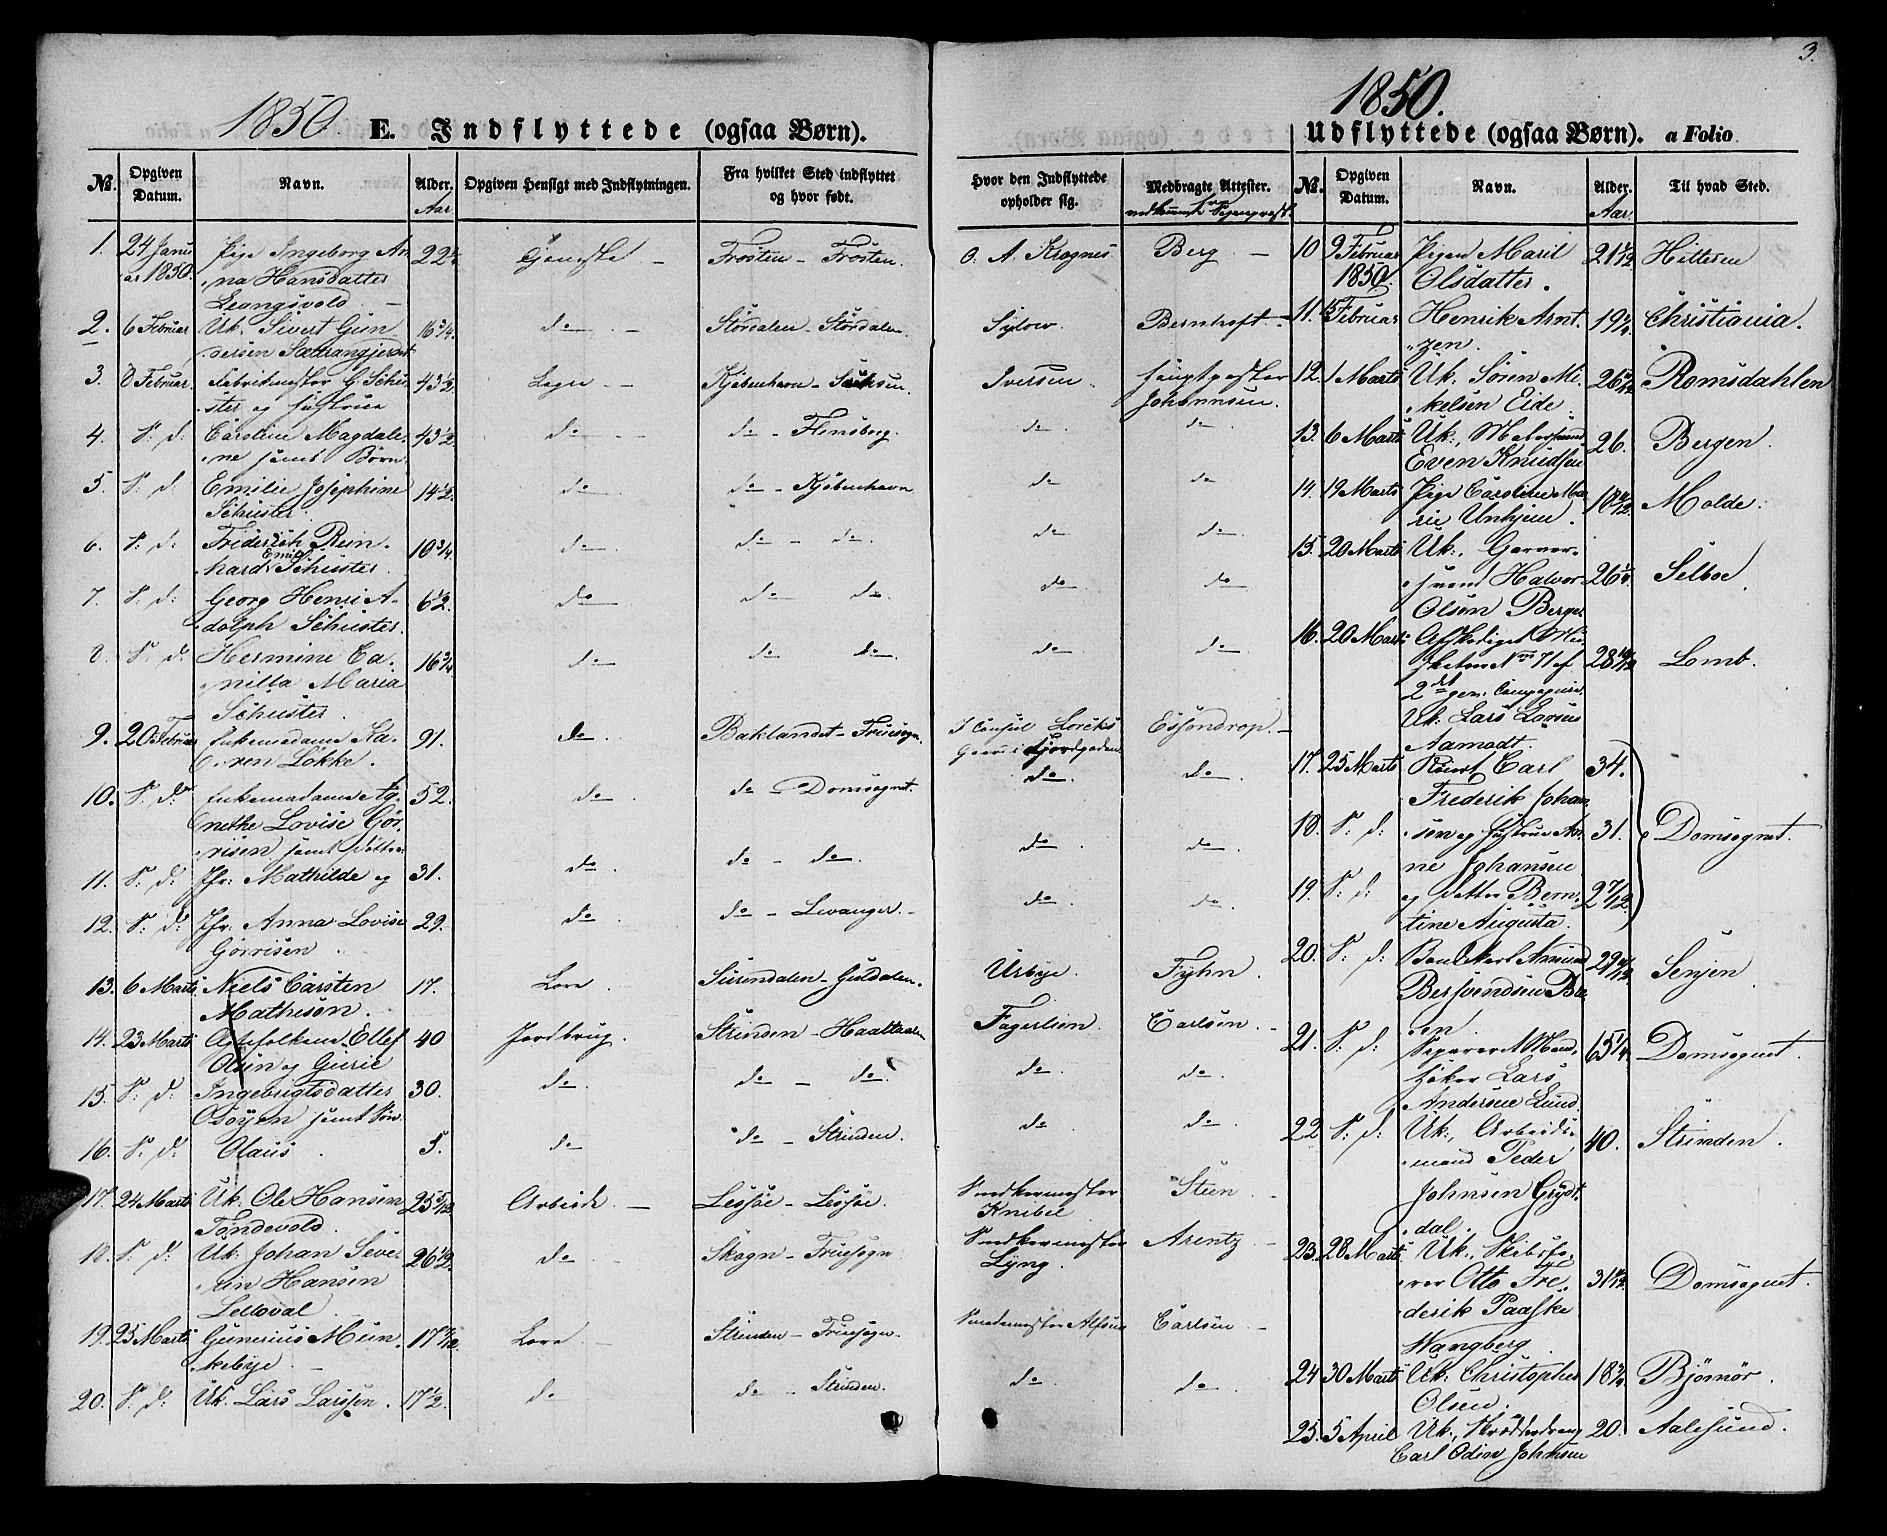 SAT, Ministerialprotokoller, klokkerbøker og fødselsregistre - Sør-Trøndelag, 602/L0113: Ministerialbok nr. 602A11, 1849-1861, s. 3